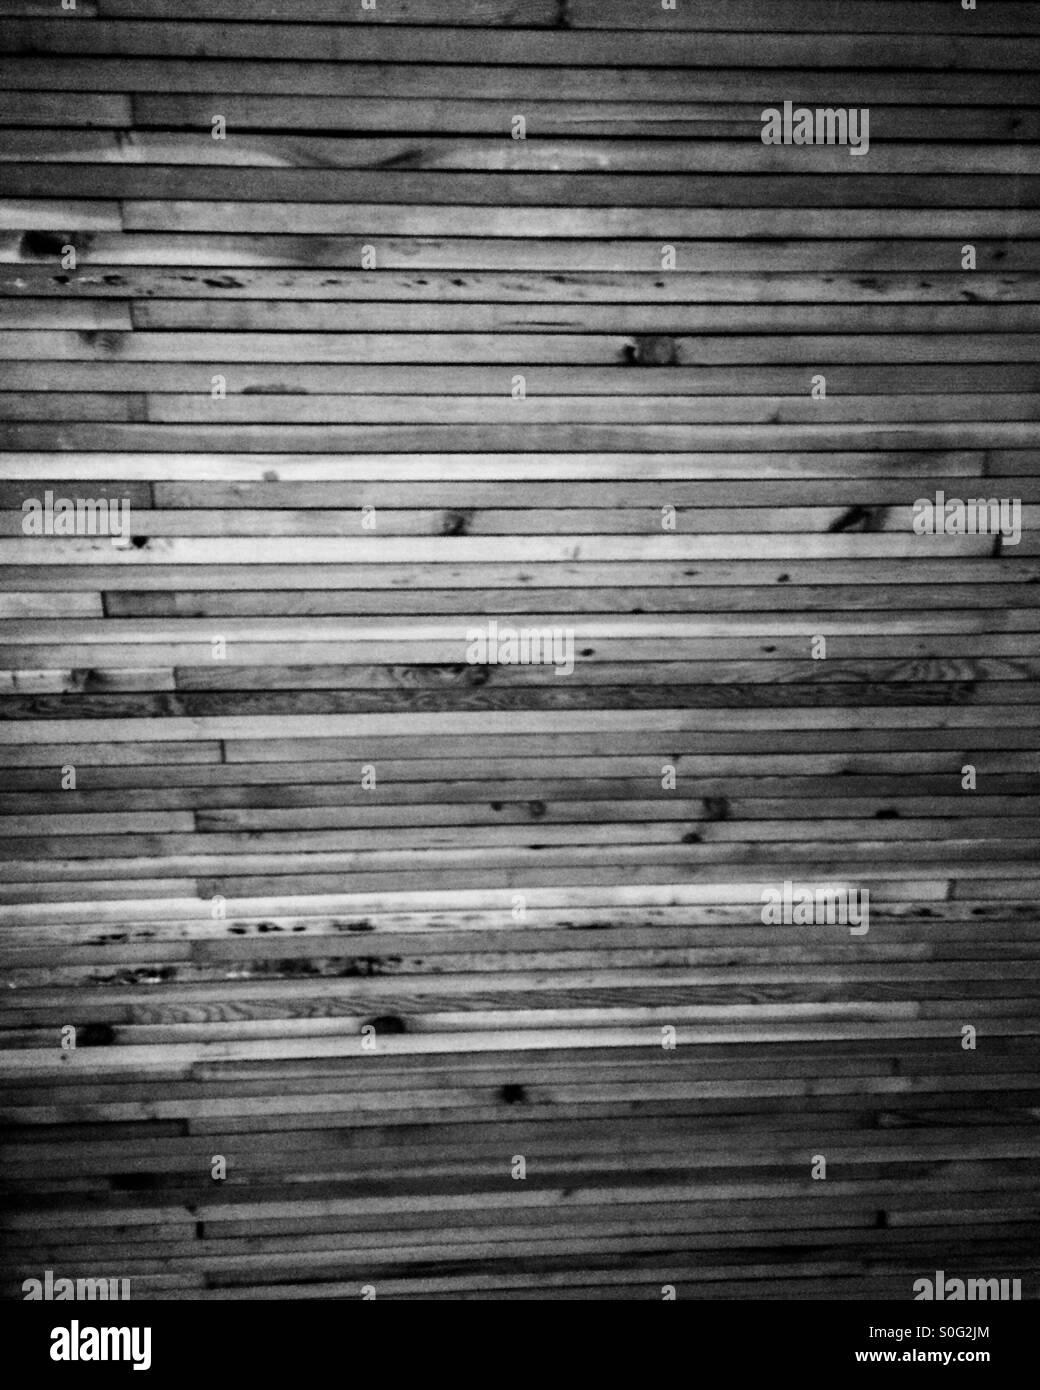 Paneles de madera en blanco y negro Imagen De Stock